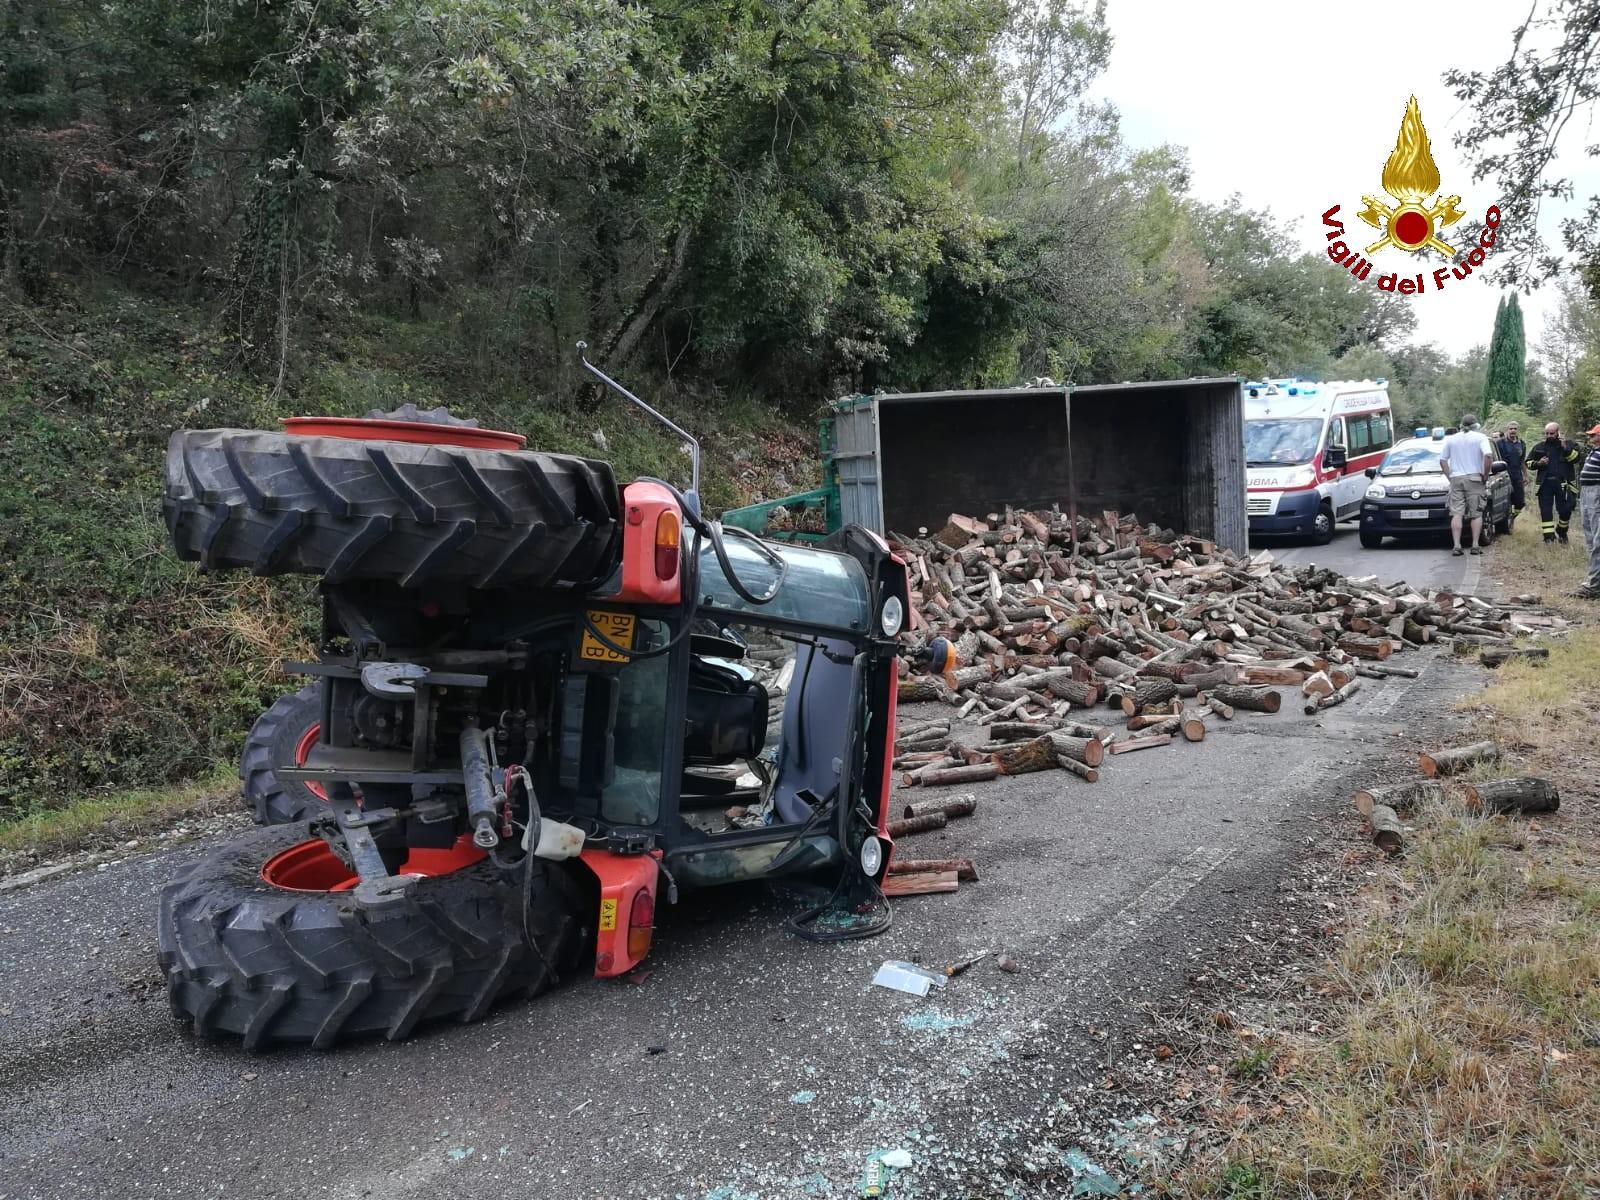 Muore sotto al trattore ribaltato: vani i soccorsi